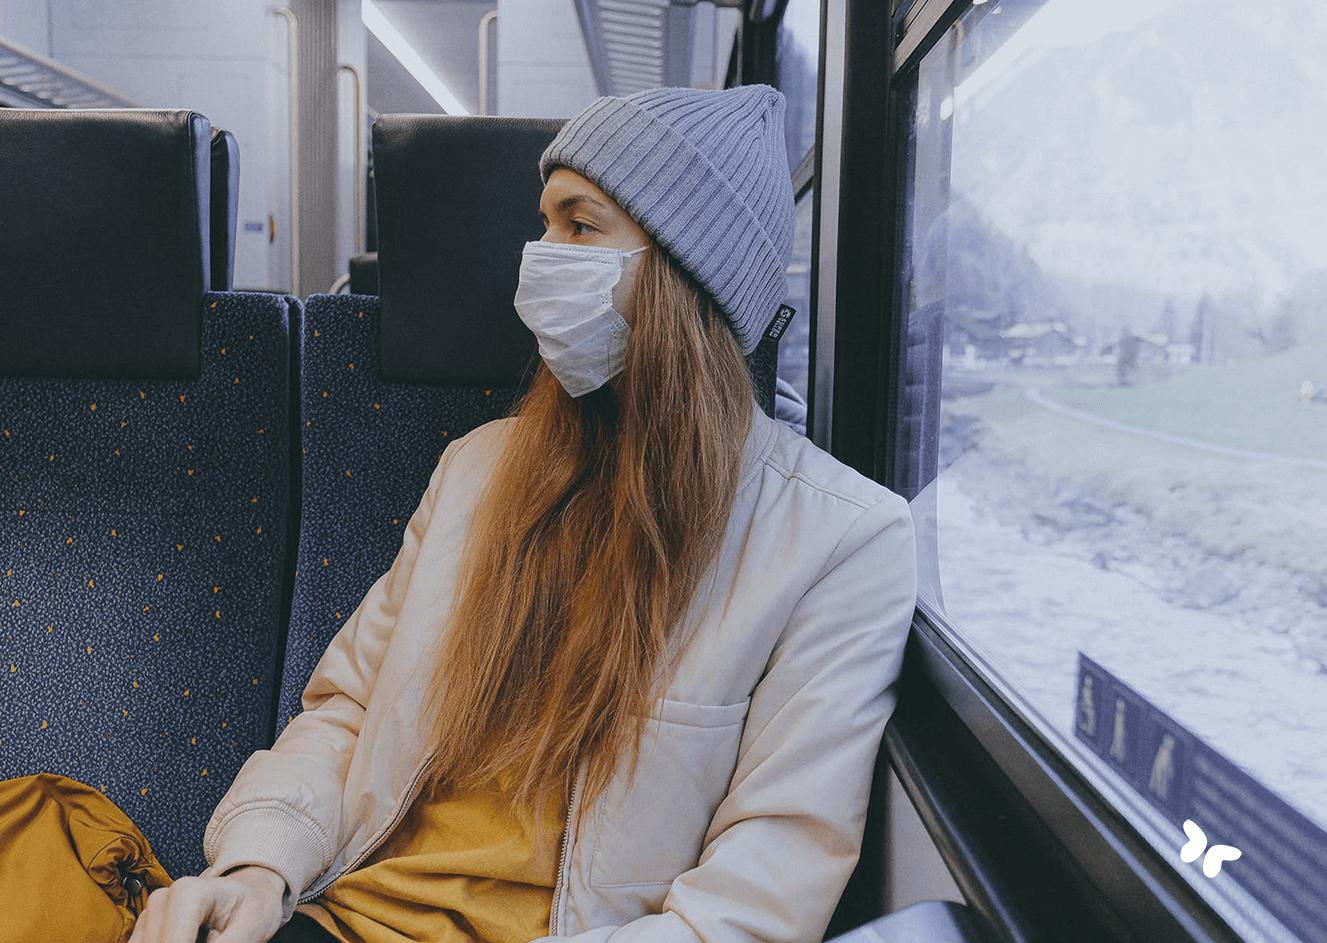 vrouw met mondmasker in trein